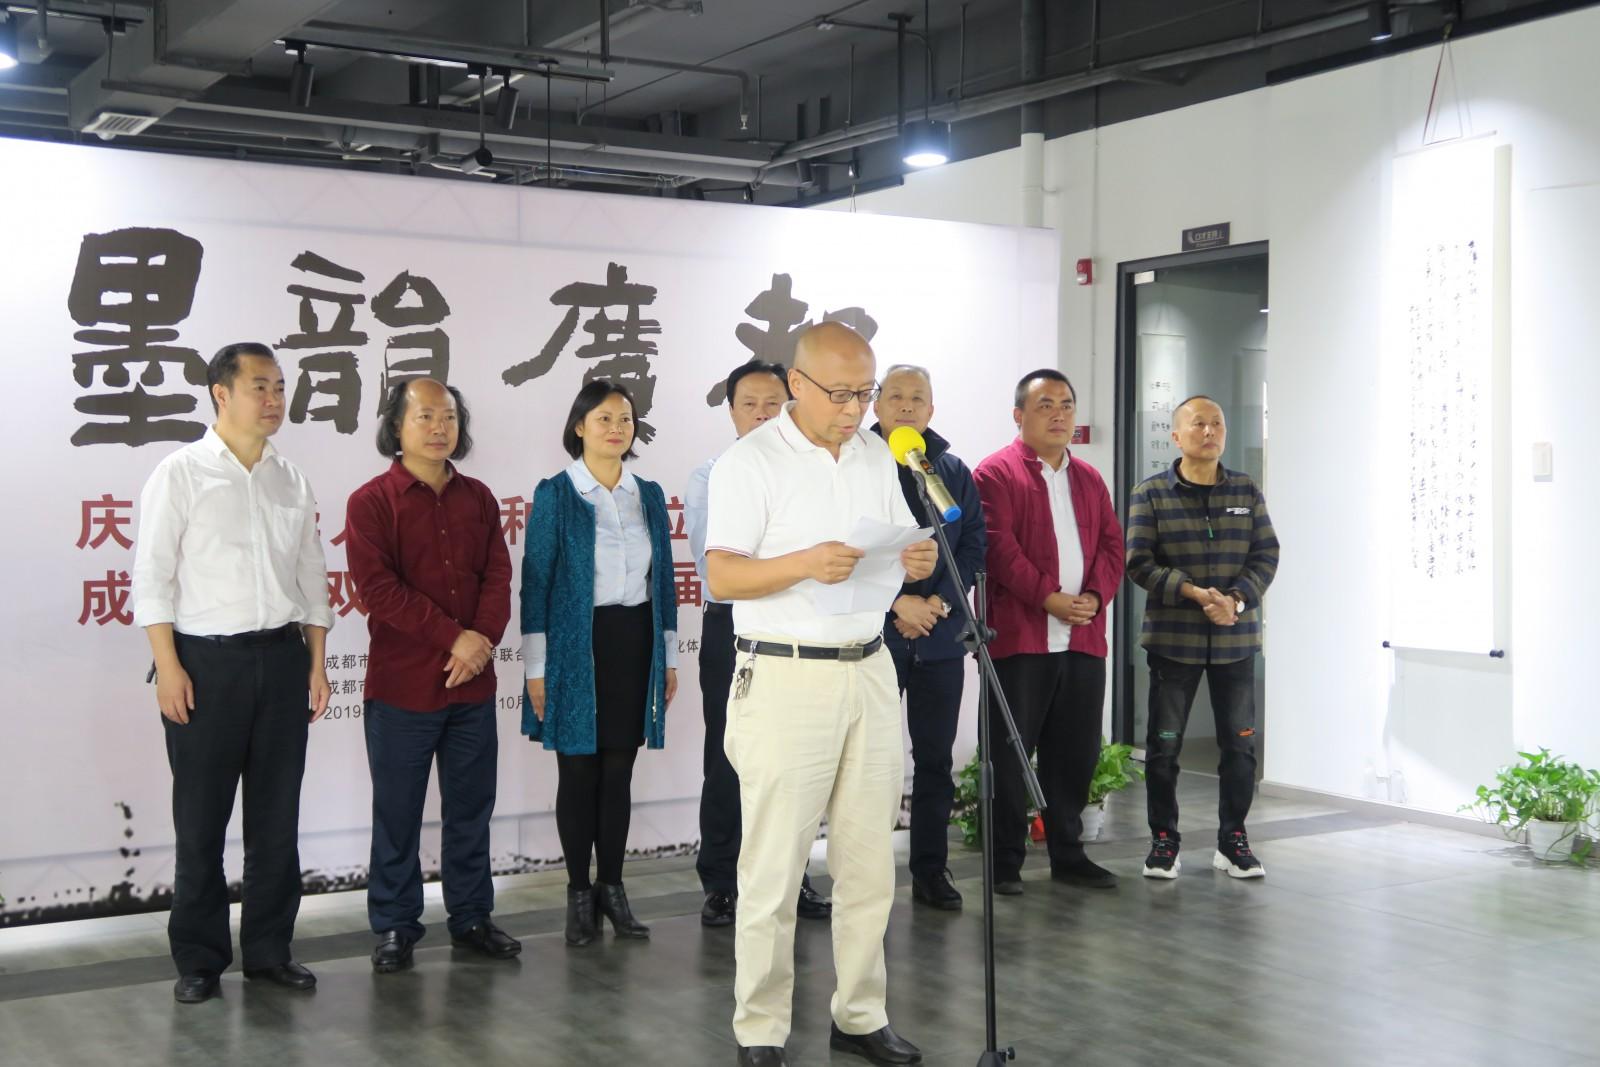 何晓巍出席墨韵广都双流区第七届会员作品展开幕式 –